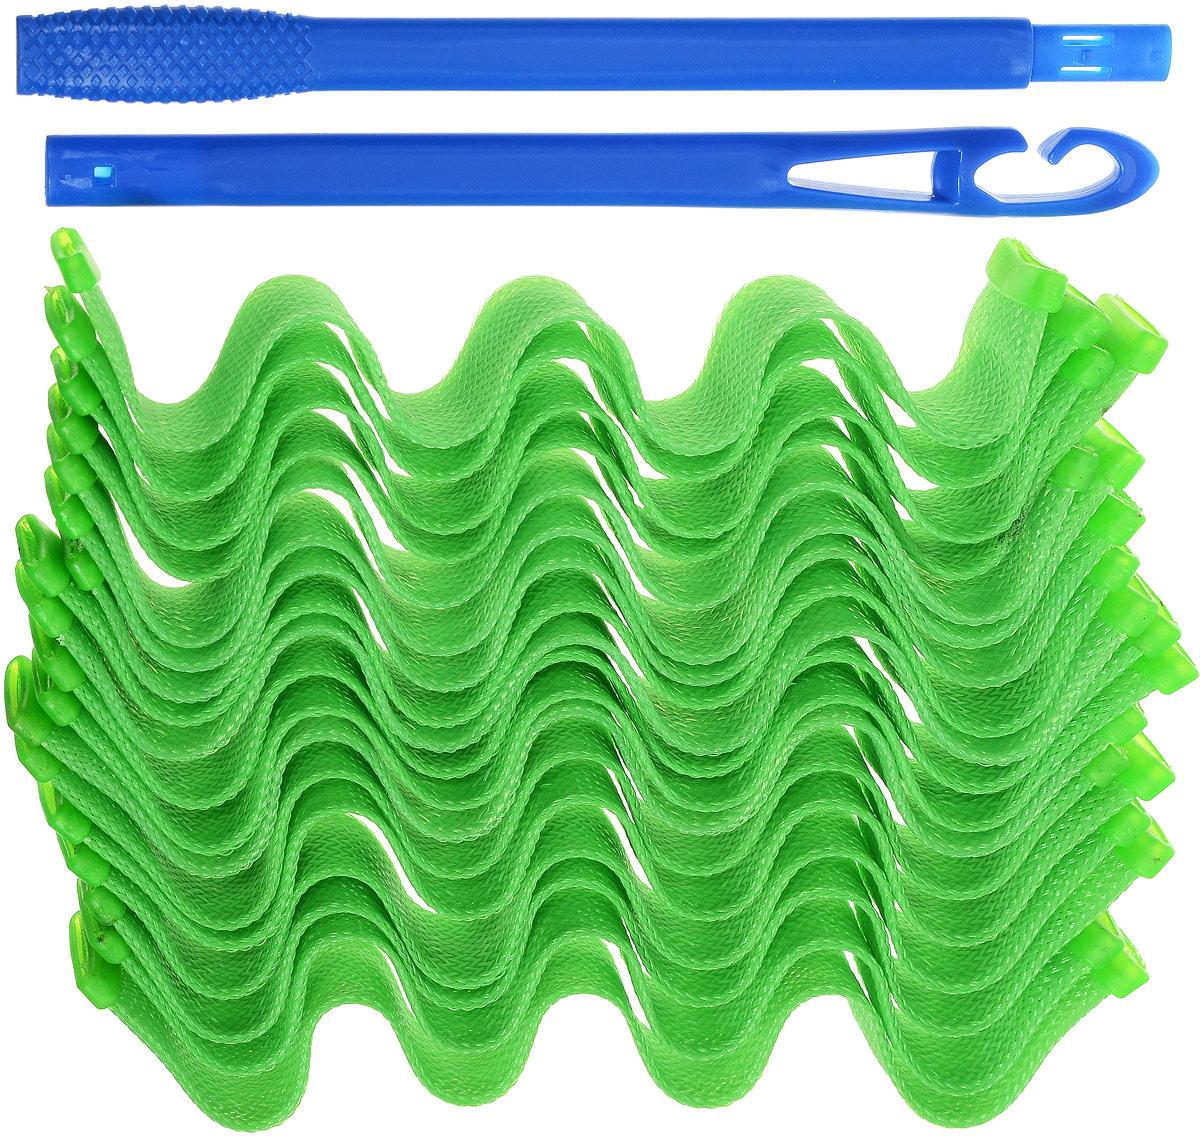 Magic Leverage Волшебные бигуди Волна, цвет: зеленый, 30 см, 18 штВ30_зеленый